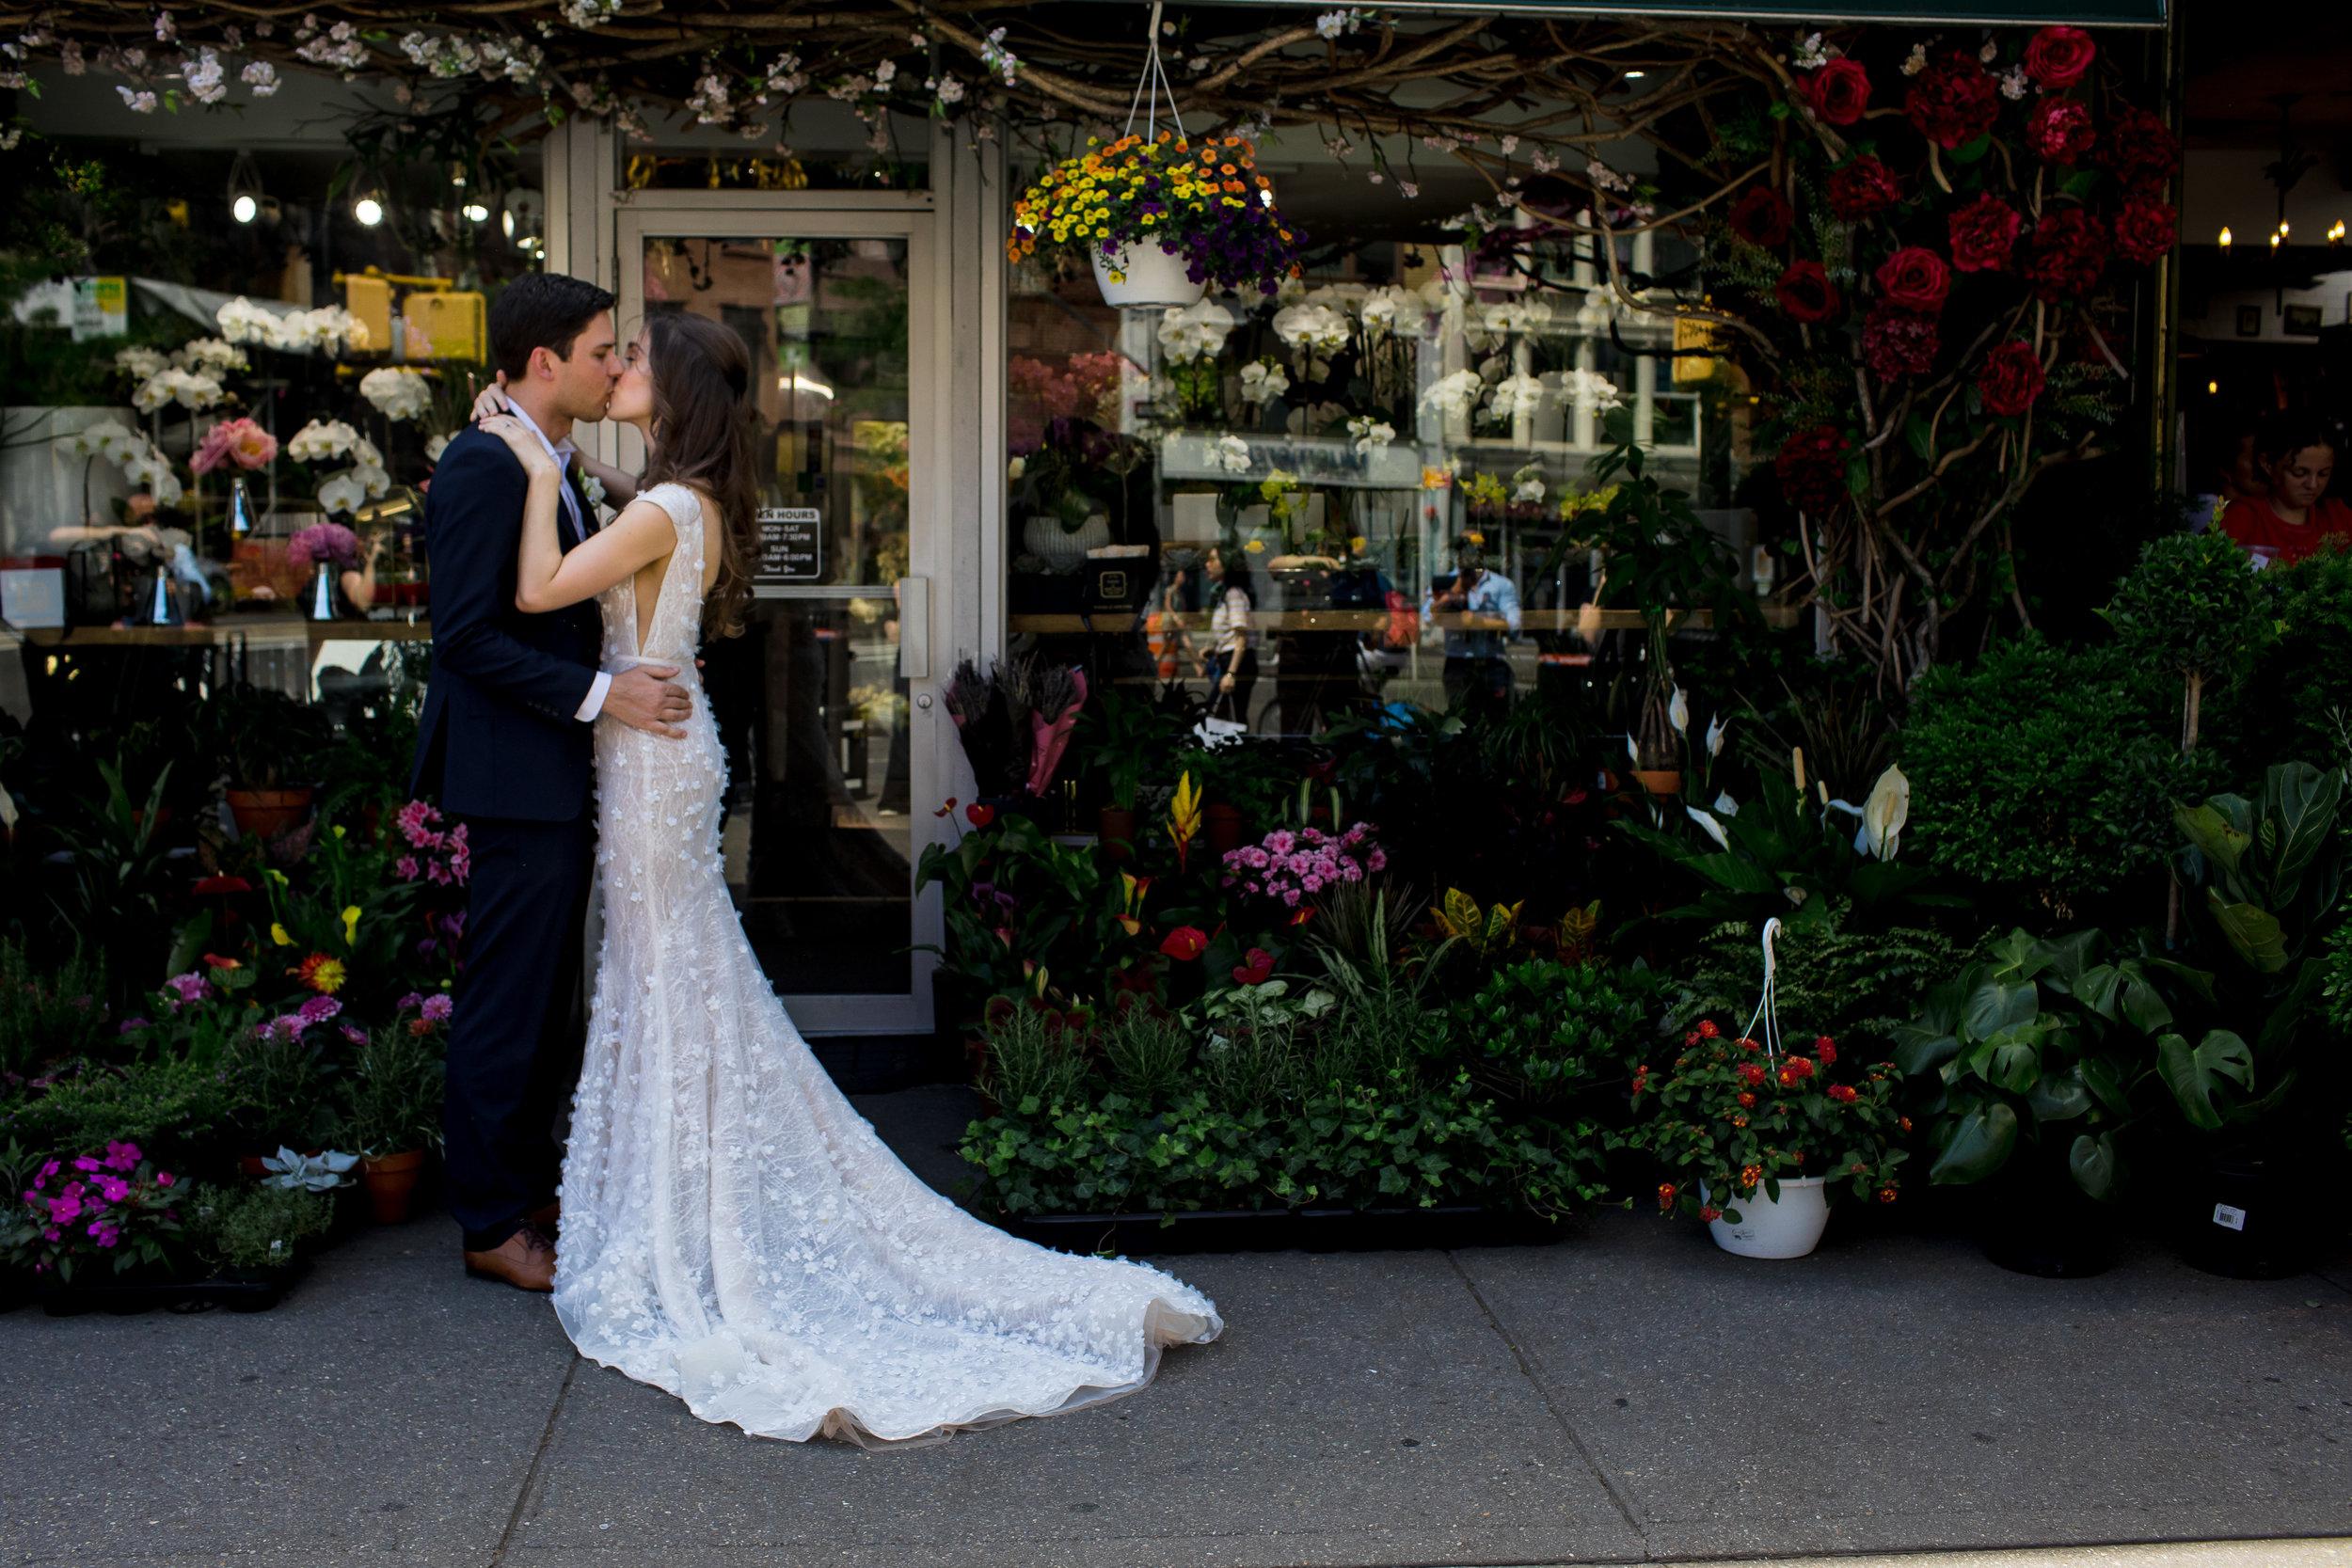 Wedding-RobbieBriar-2019_25.jpg